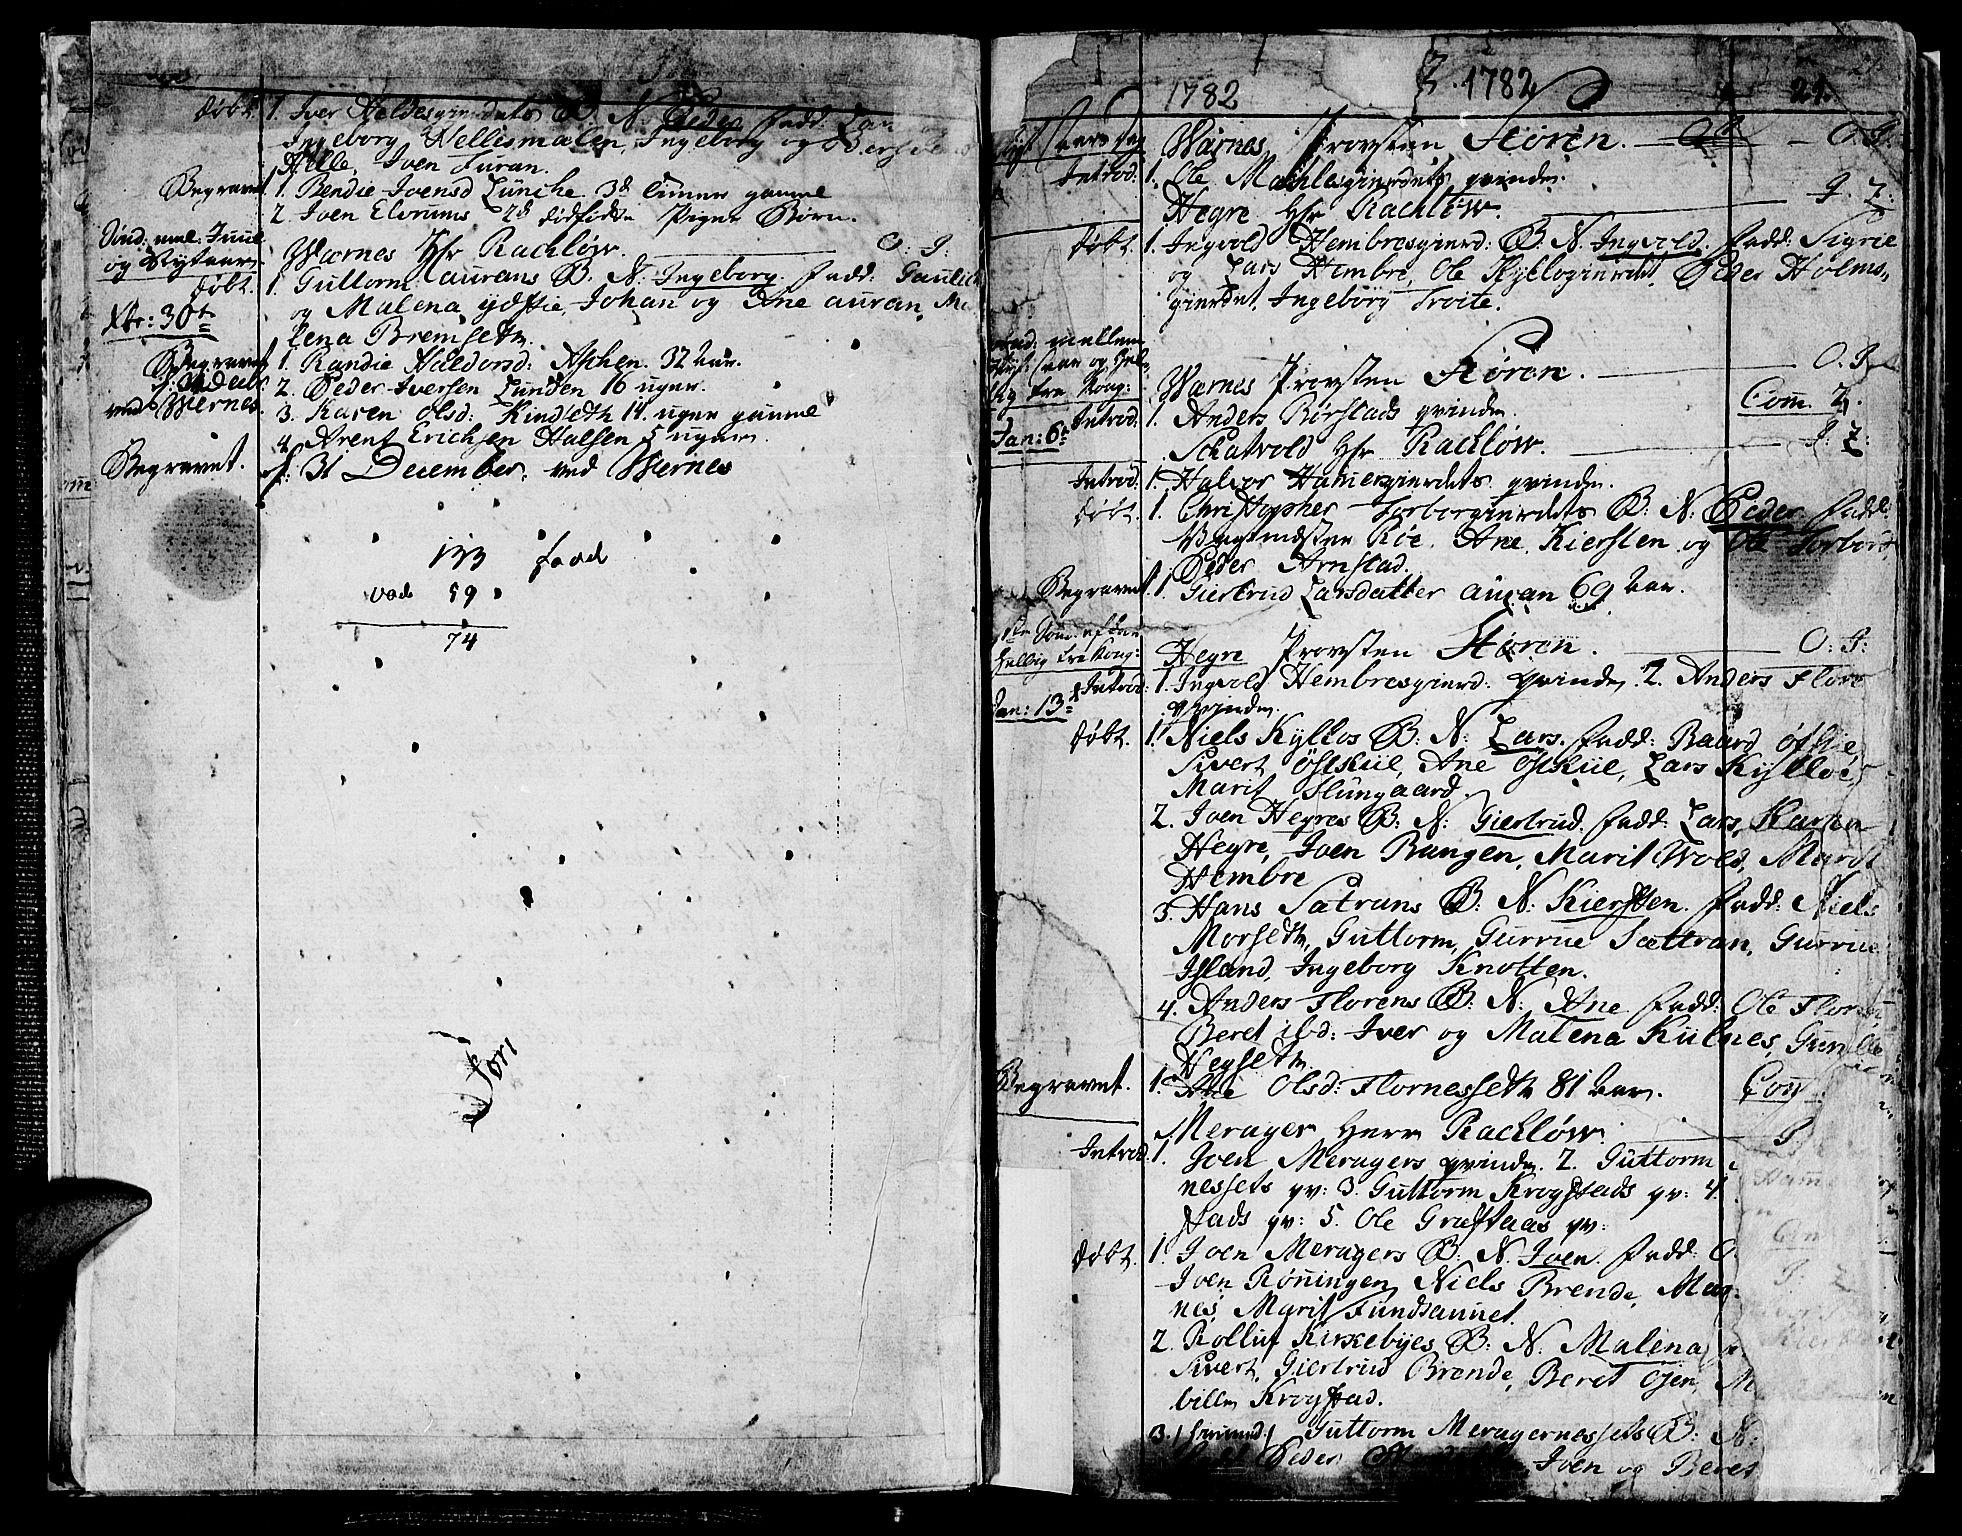 SAT, Ministerialprotokoller, klokkerbøker og fødselsregistre - Nord-Trøndelag, 709/L0059: Ministerialbok nr. 709A06, 1781-1797, s. 20-21